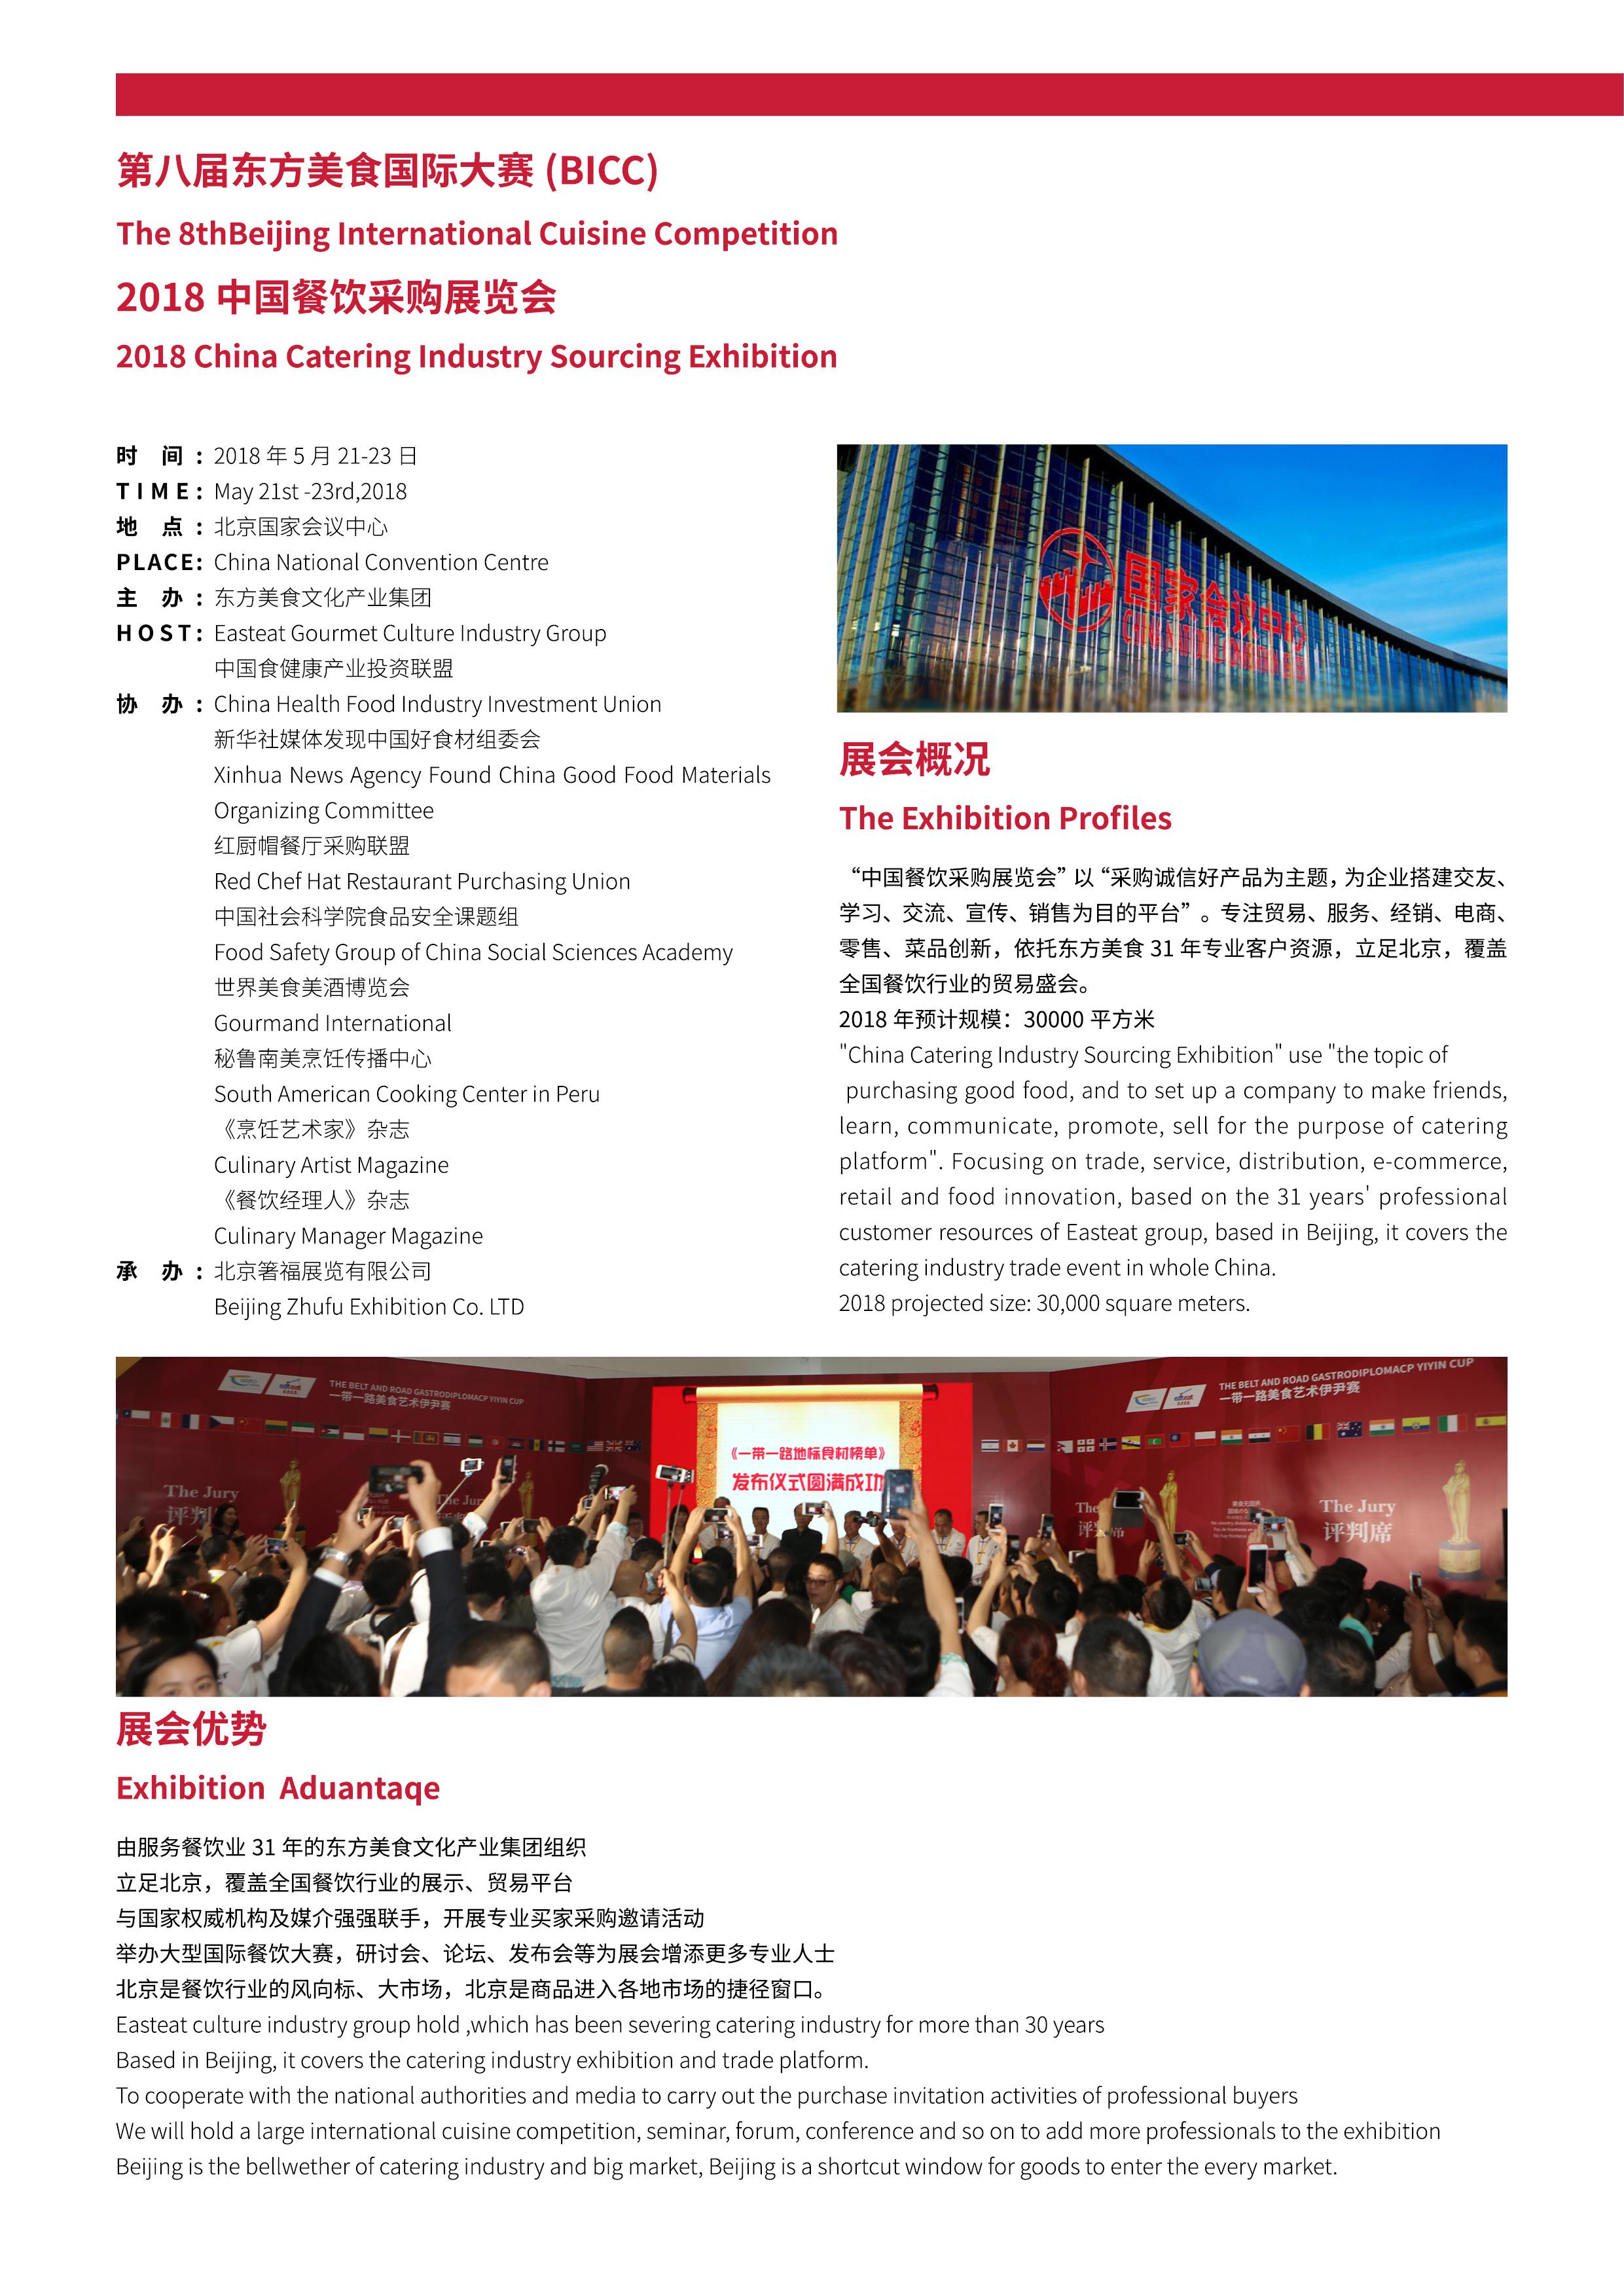 第八届东方美食国际大赛(BICC)&2018中国餐饮采购展览会